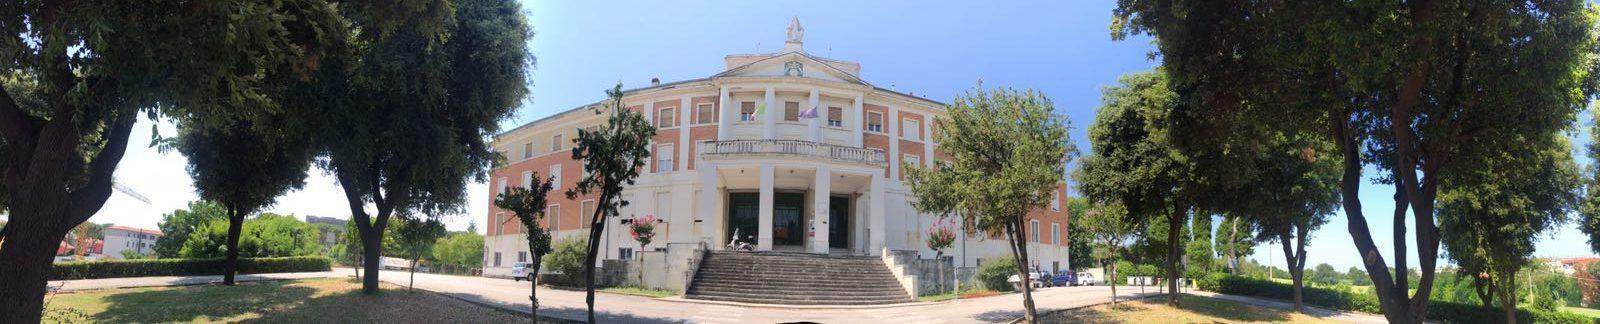 Seminario Vescovile di Senigallia